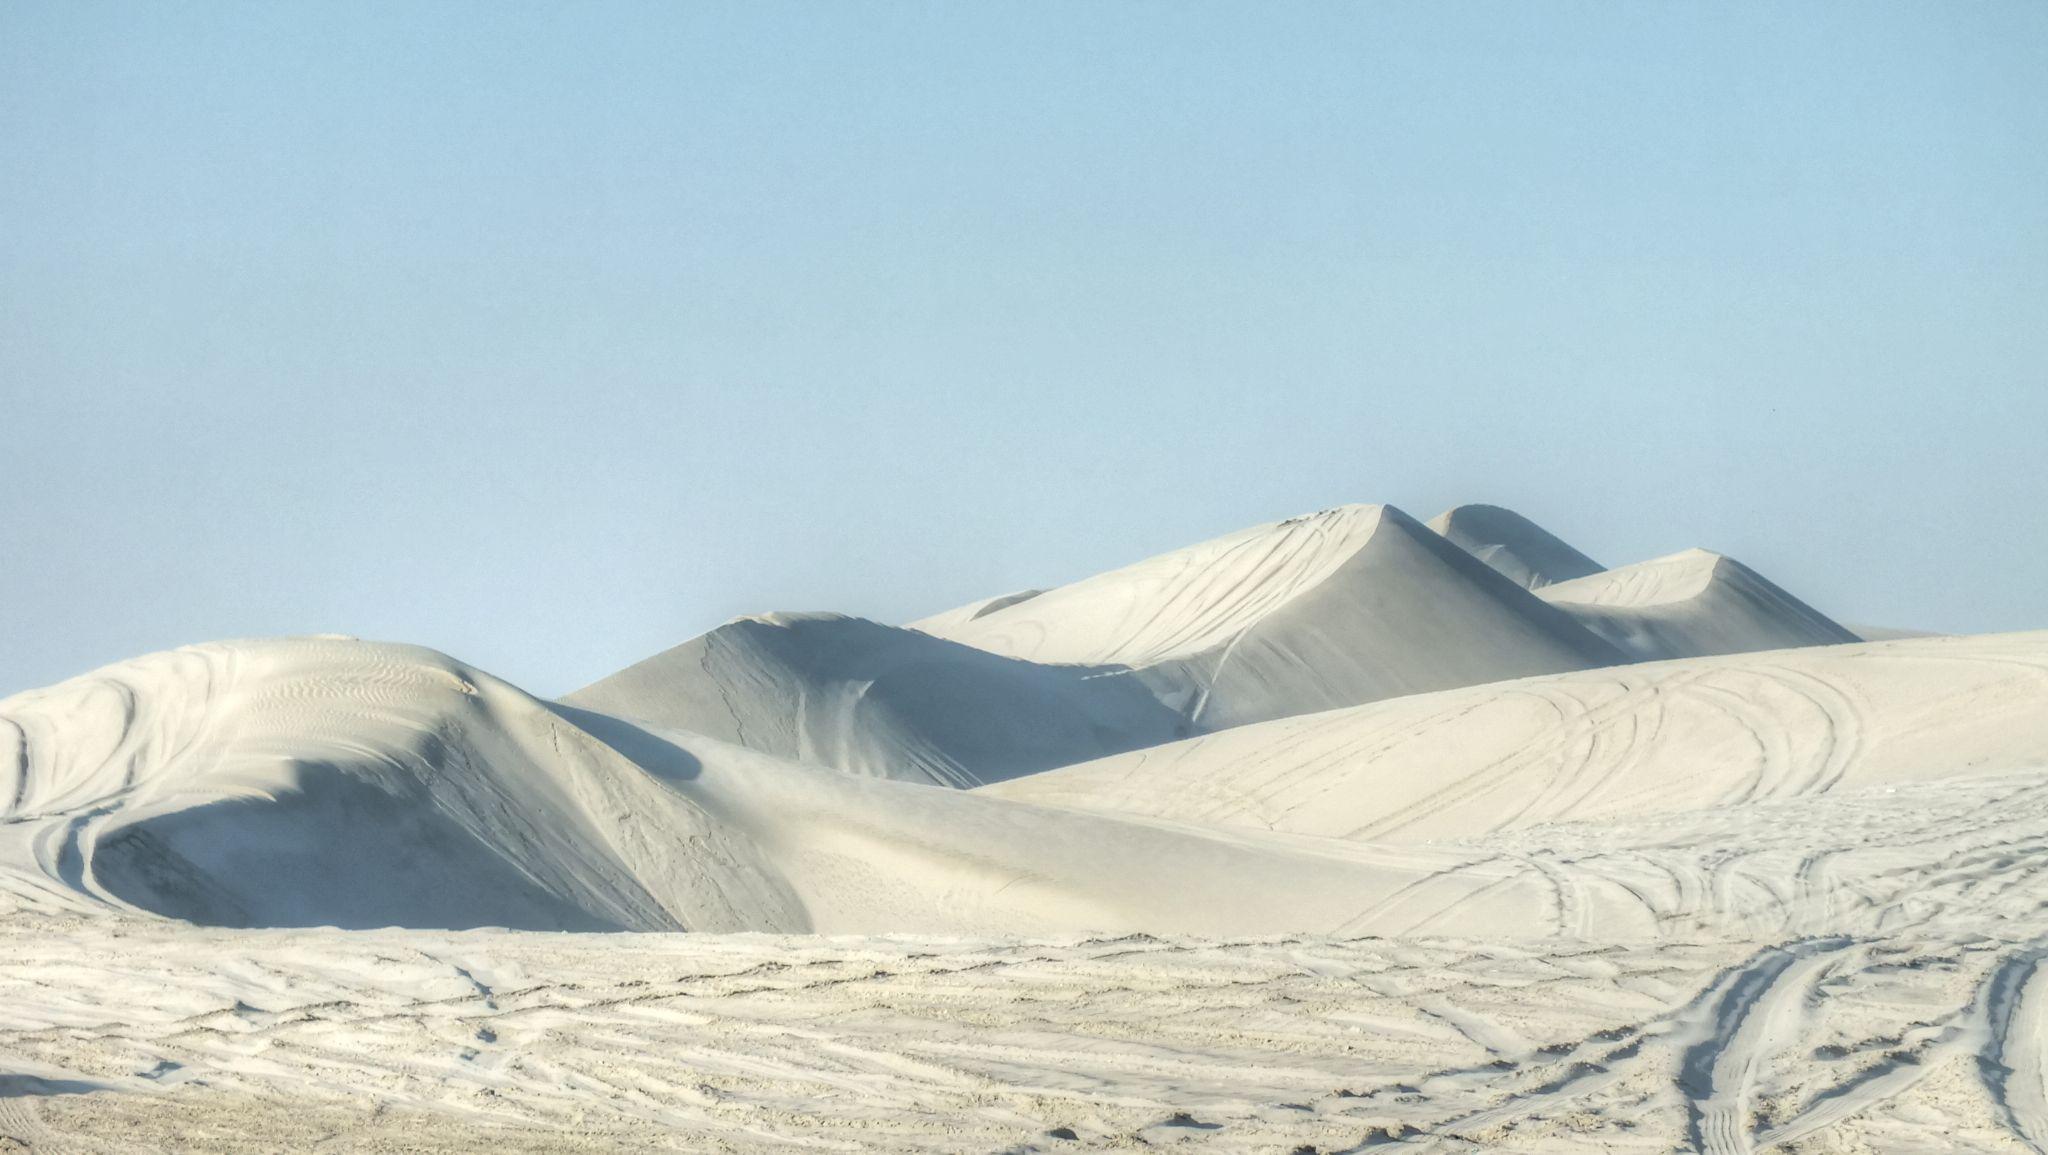 Dunes by DJW